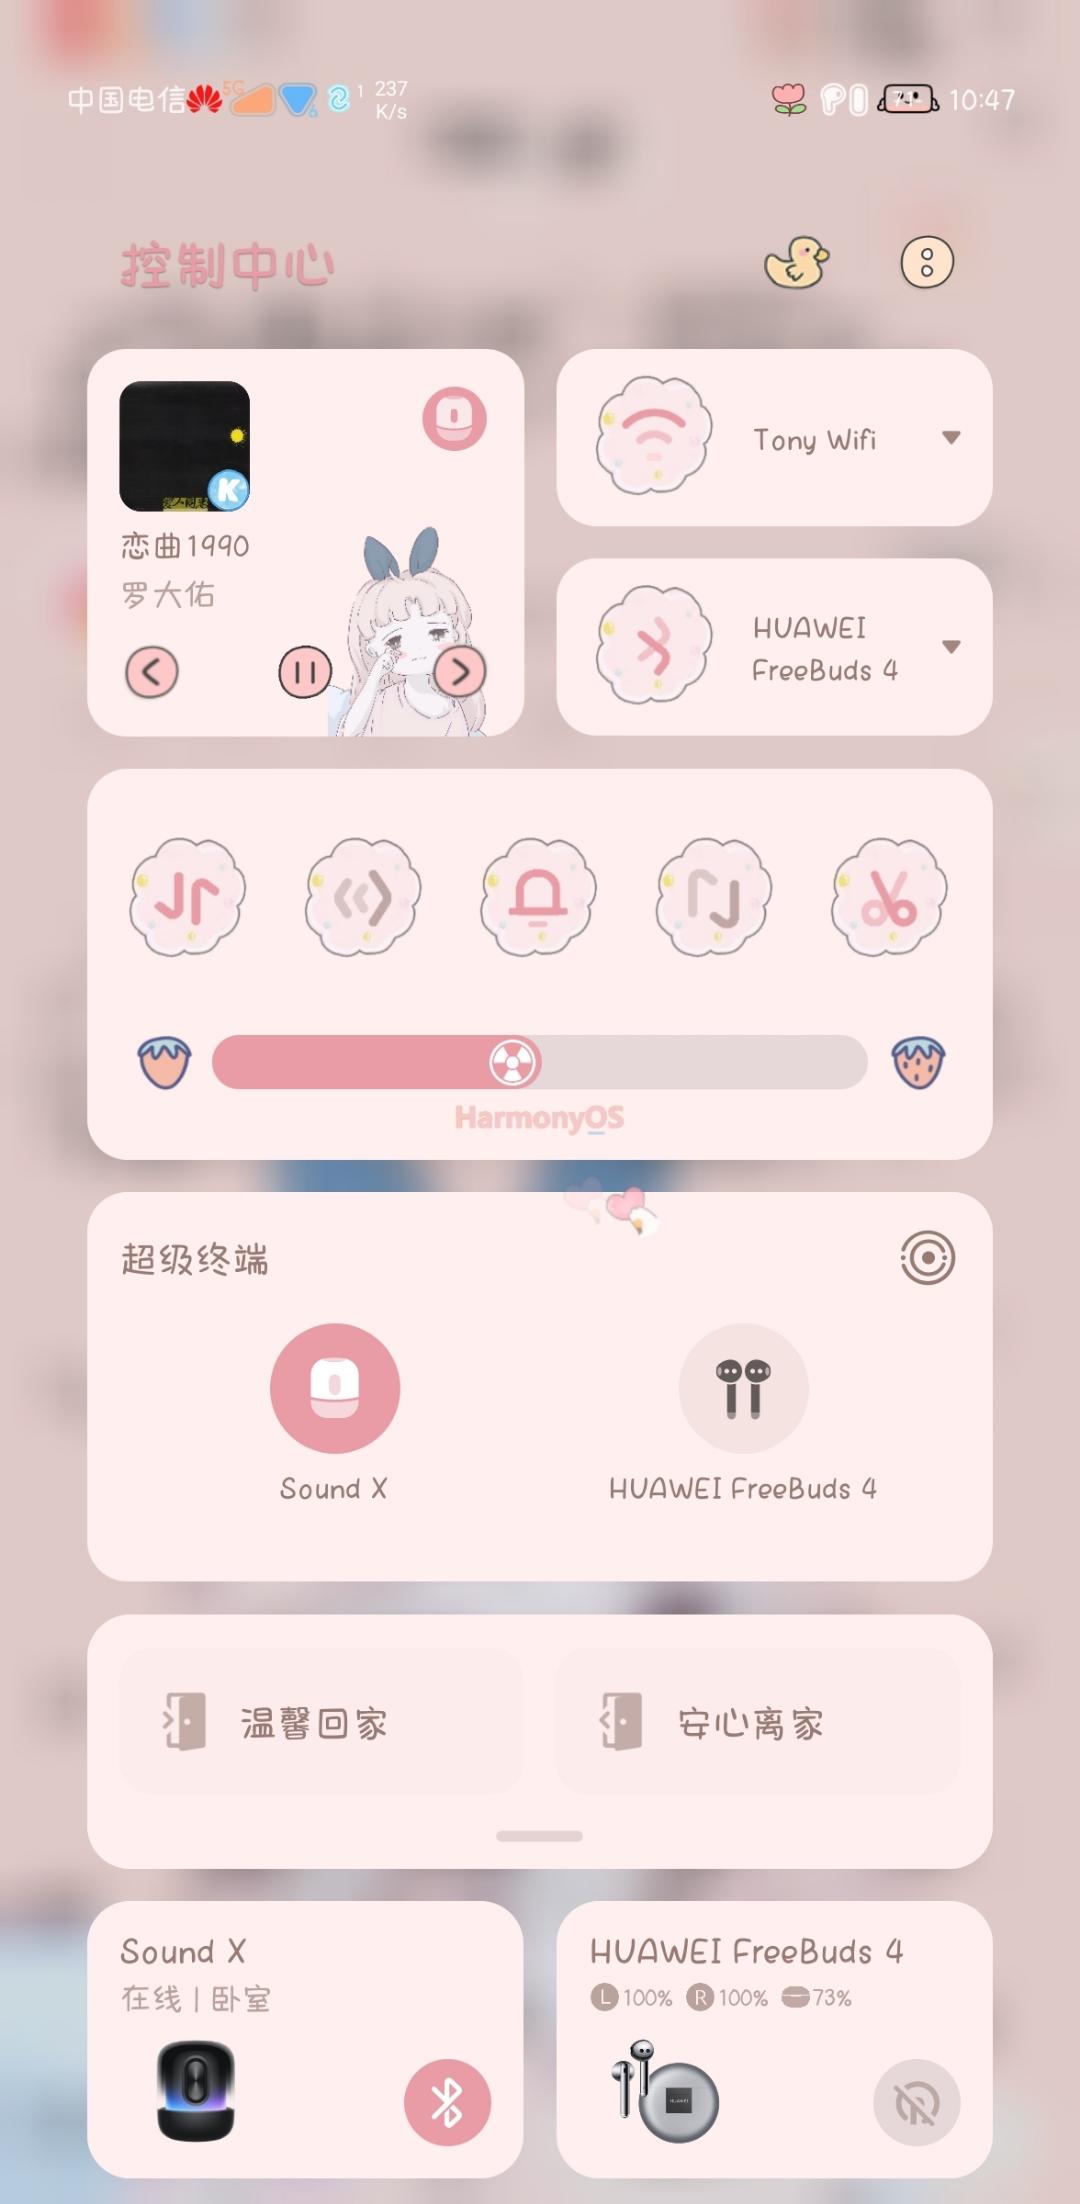 Screenshot_20210916_104747_com.huawei.fans.jpg